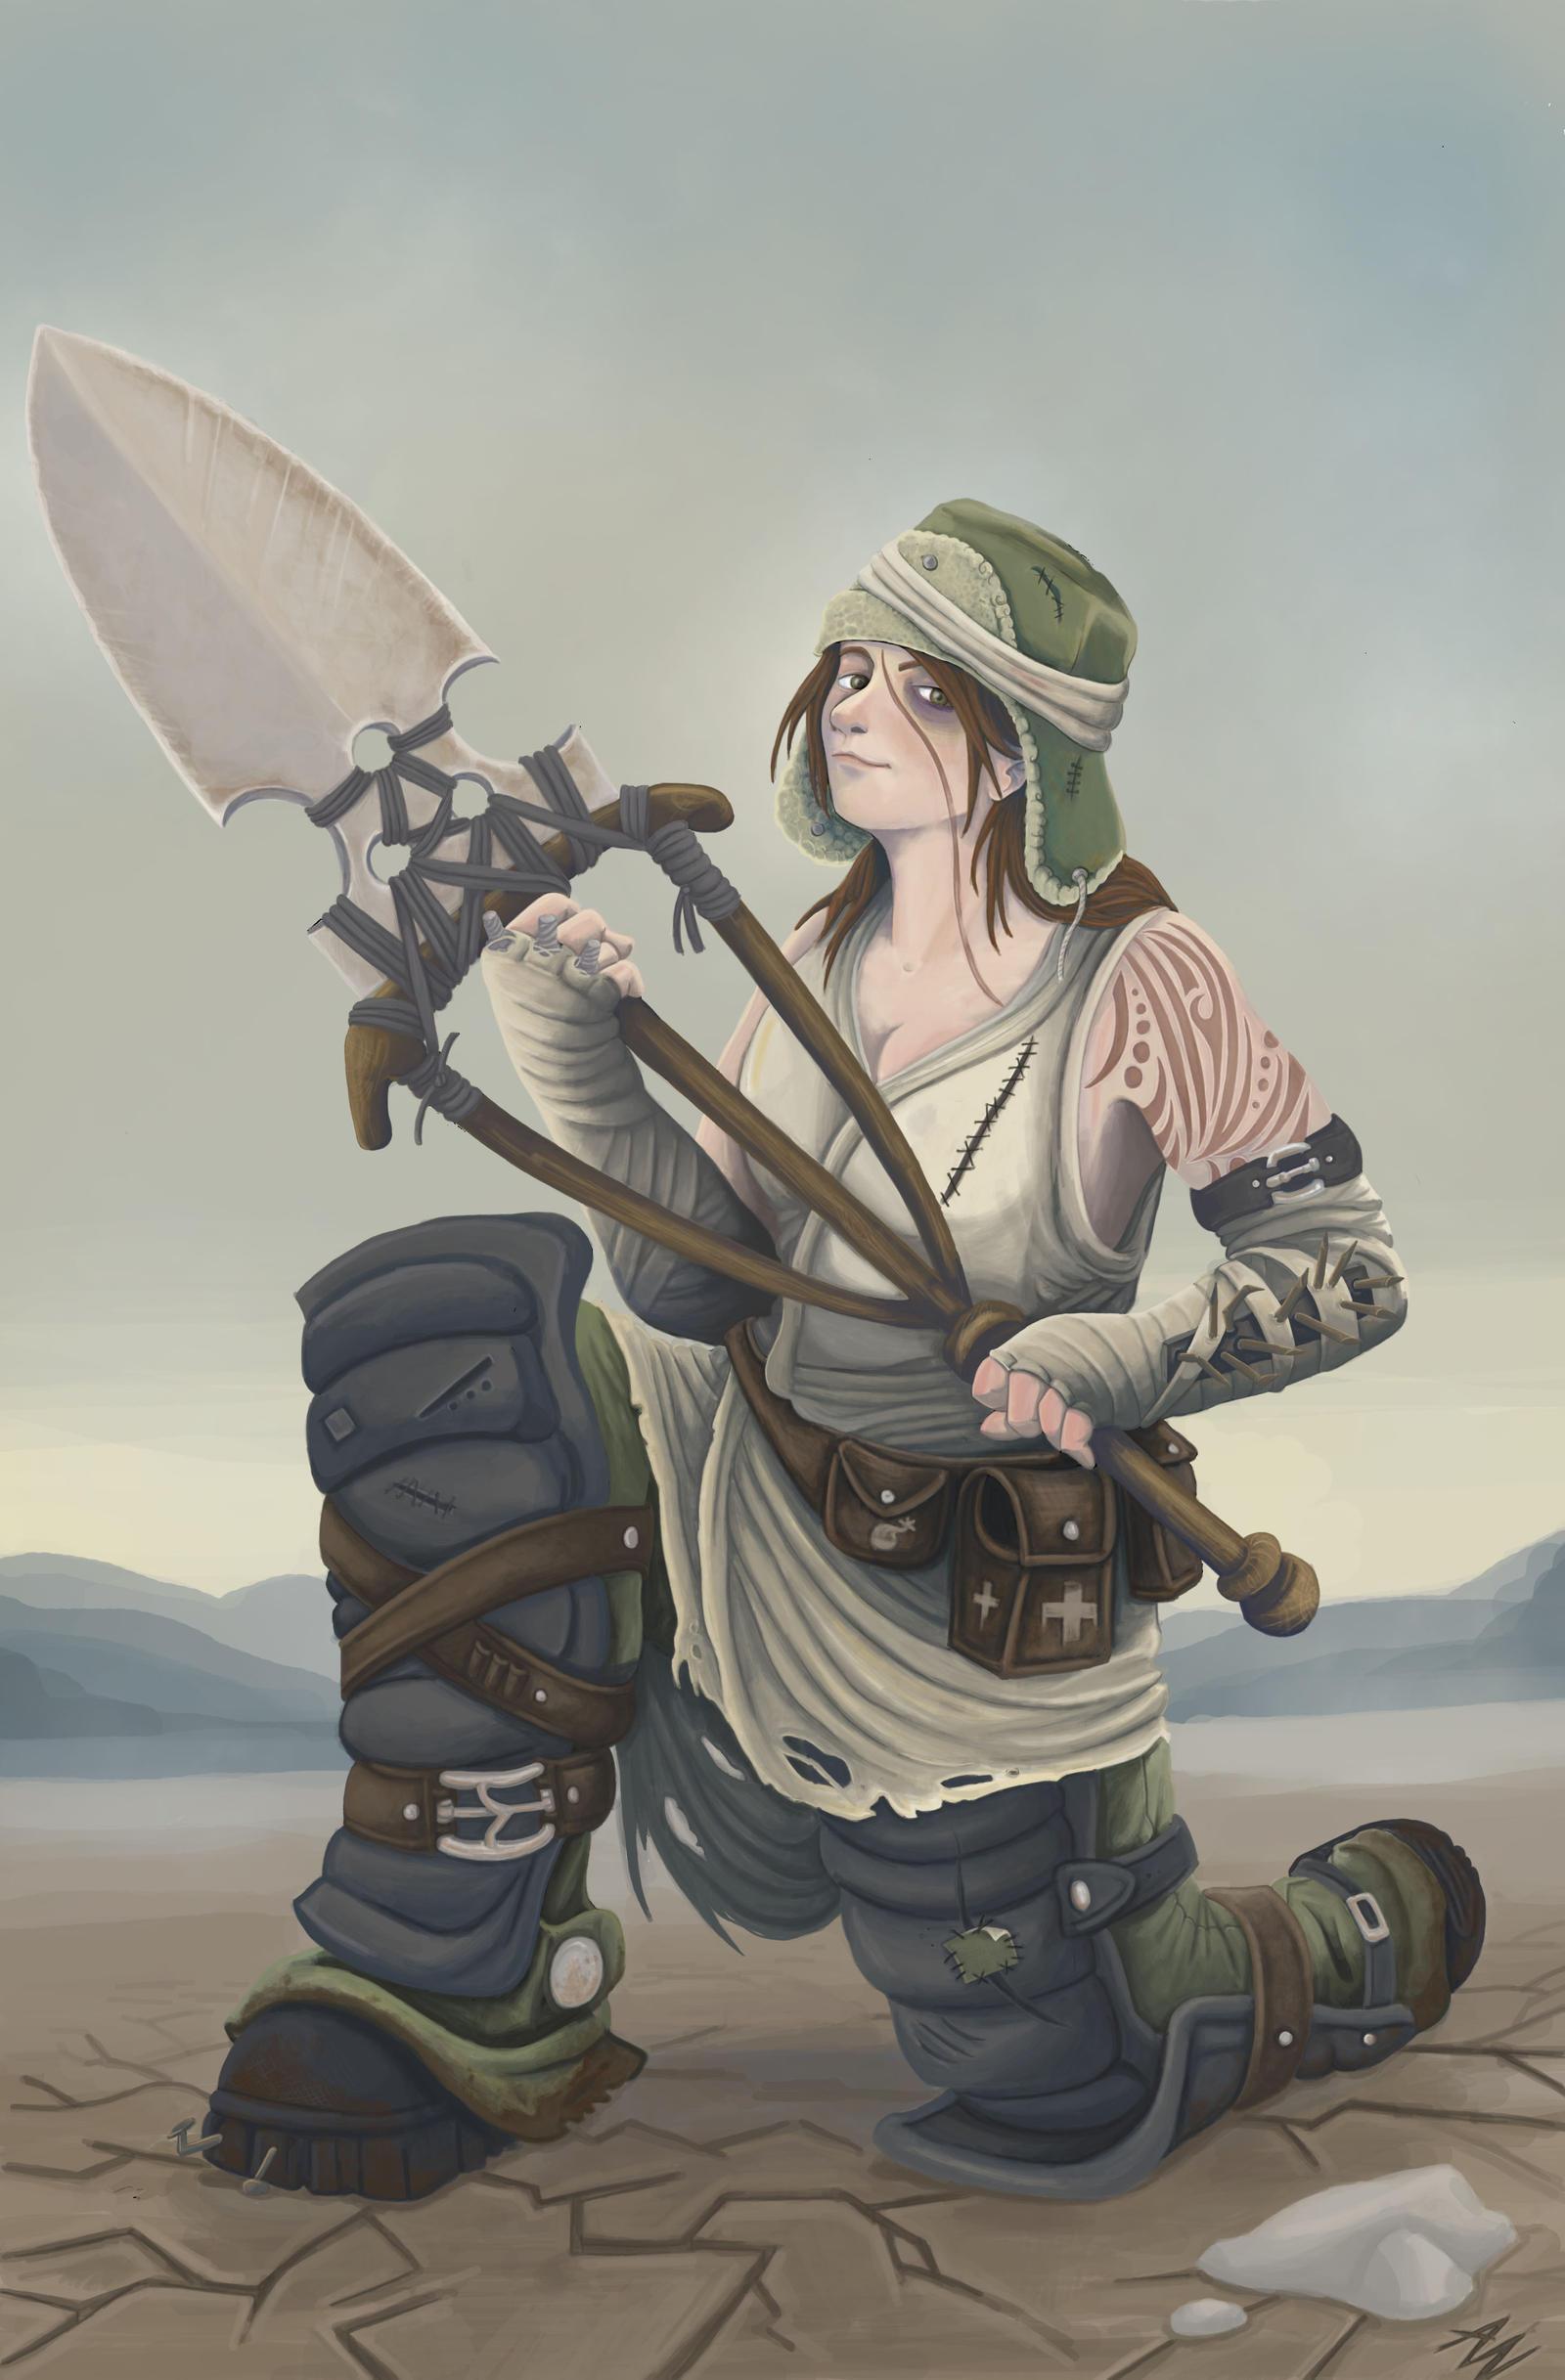 Wasteland traveler by Adele-Waldrom